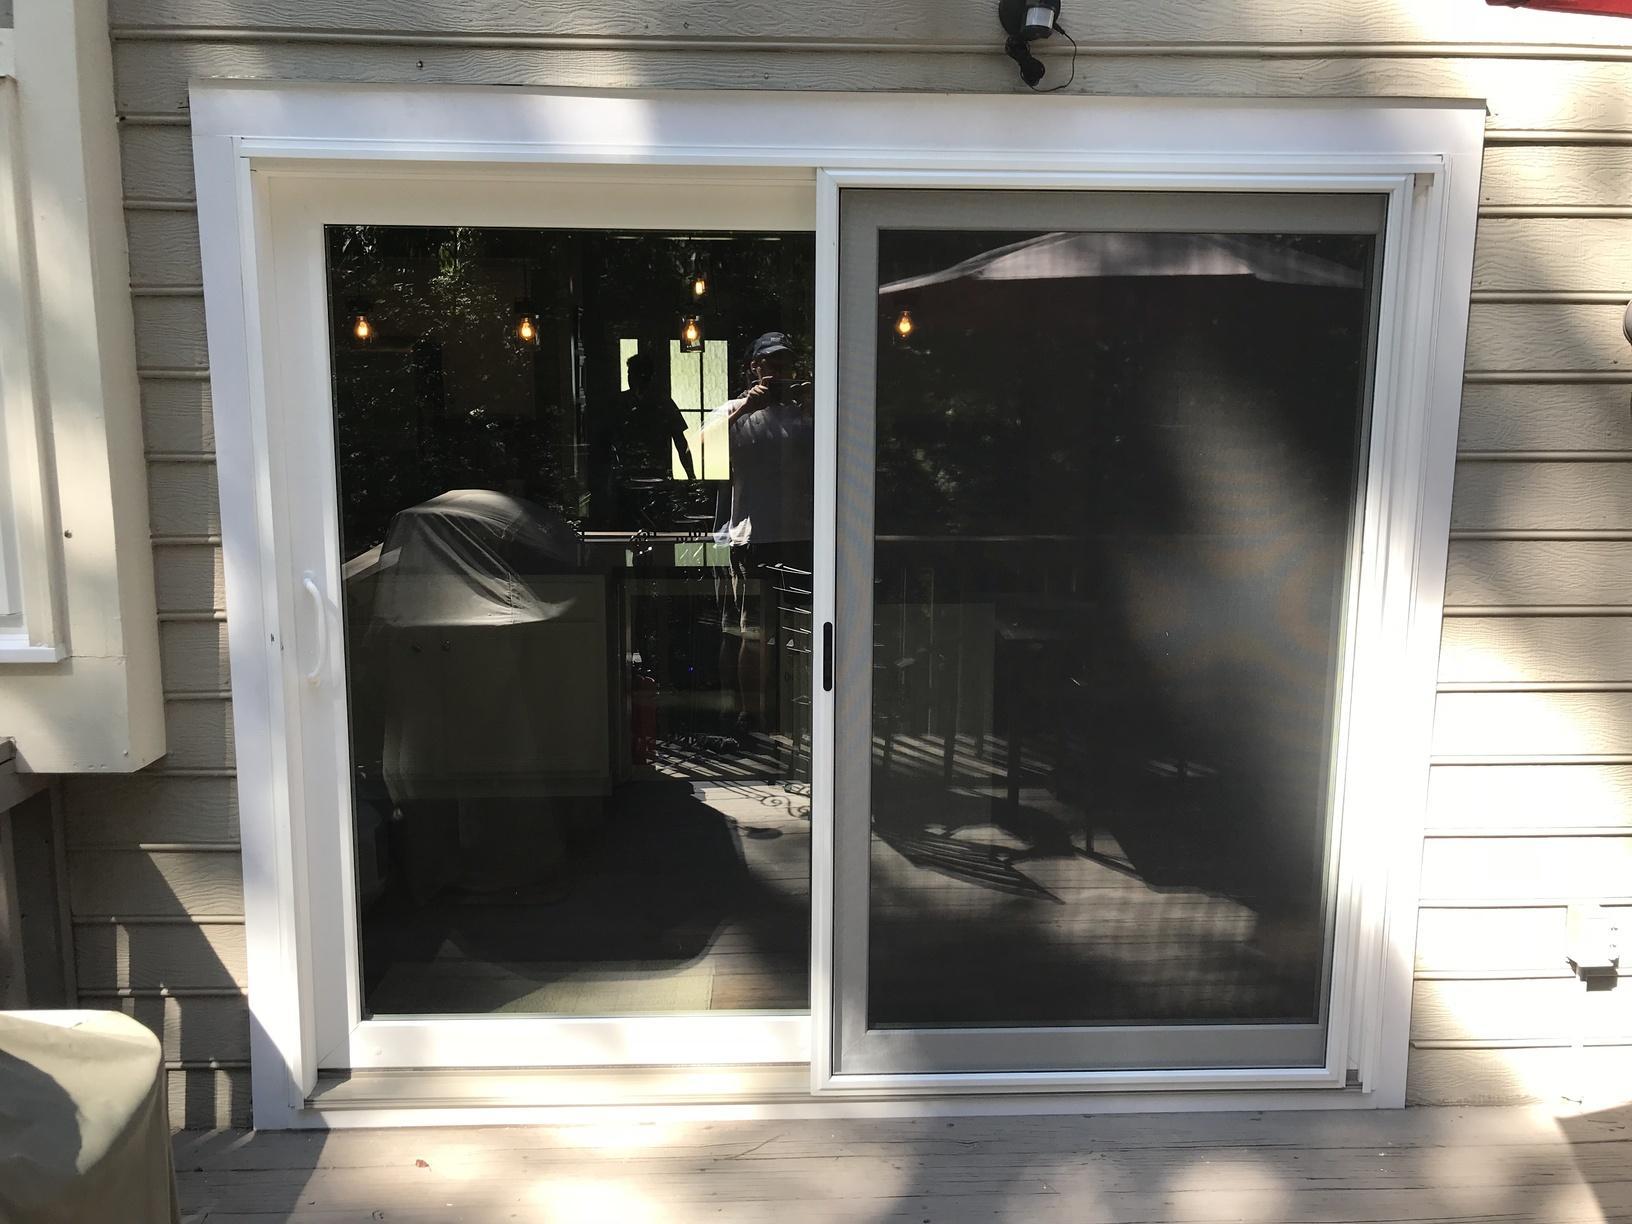 New Great Lakes Window ComfortSmart Premier Series Slider Door - After Photo